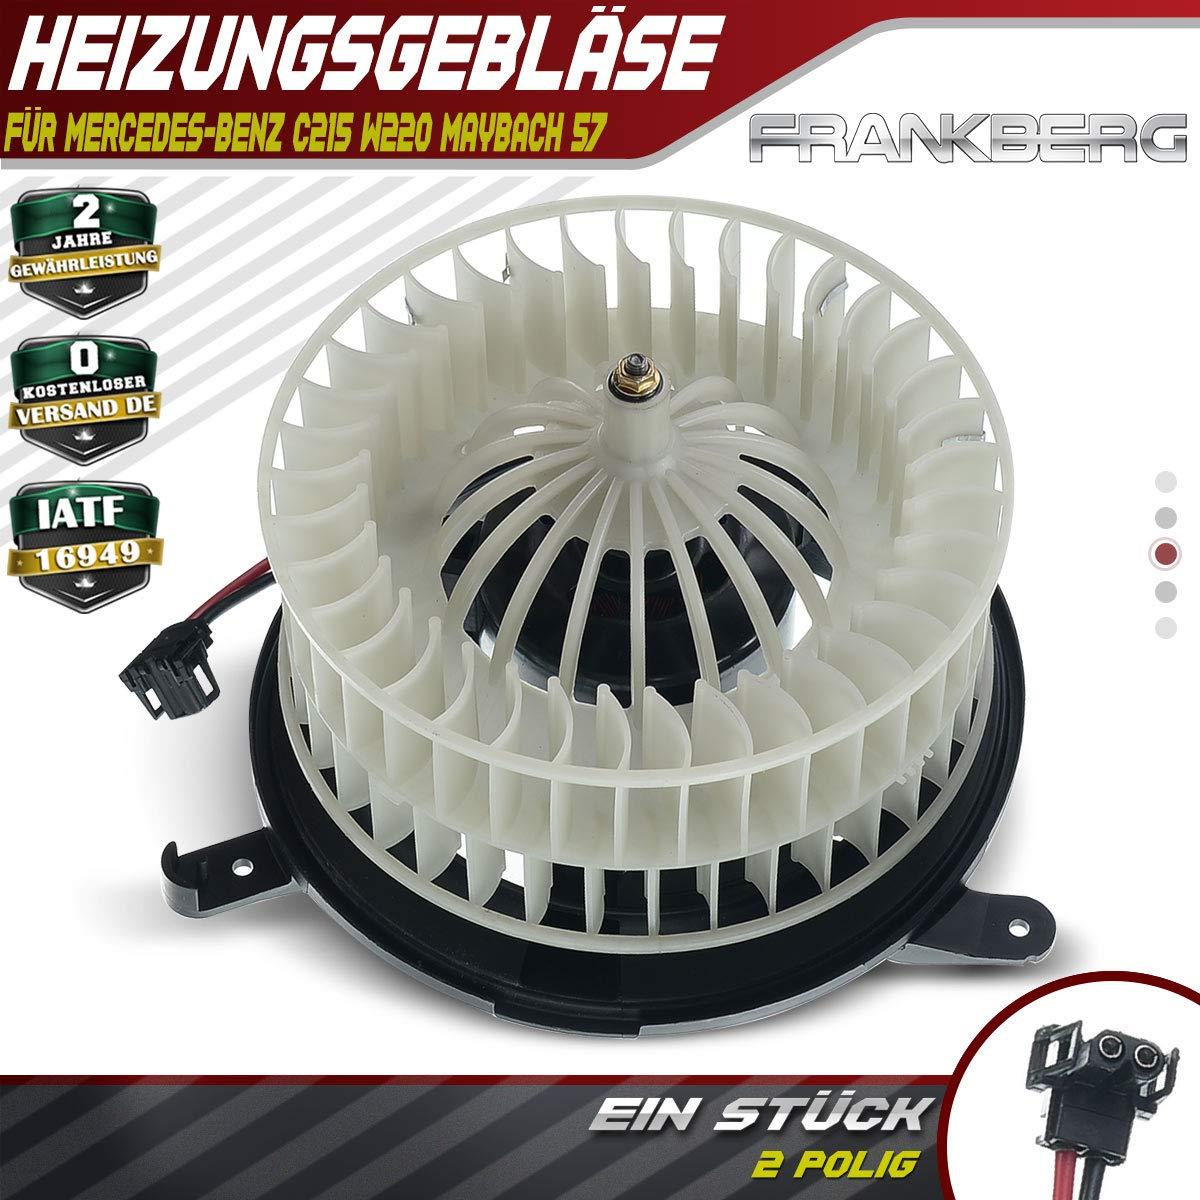 Innenraumgebl/äse Heizungsgebl/äse Motor f/ür S-Klasse W220 C215 1998-2006 2208203142